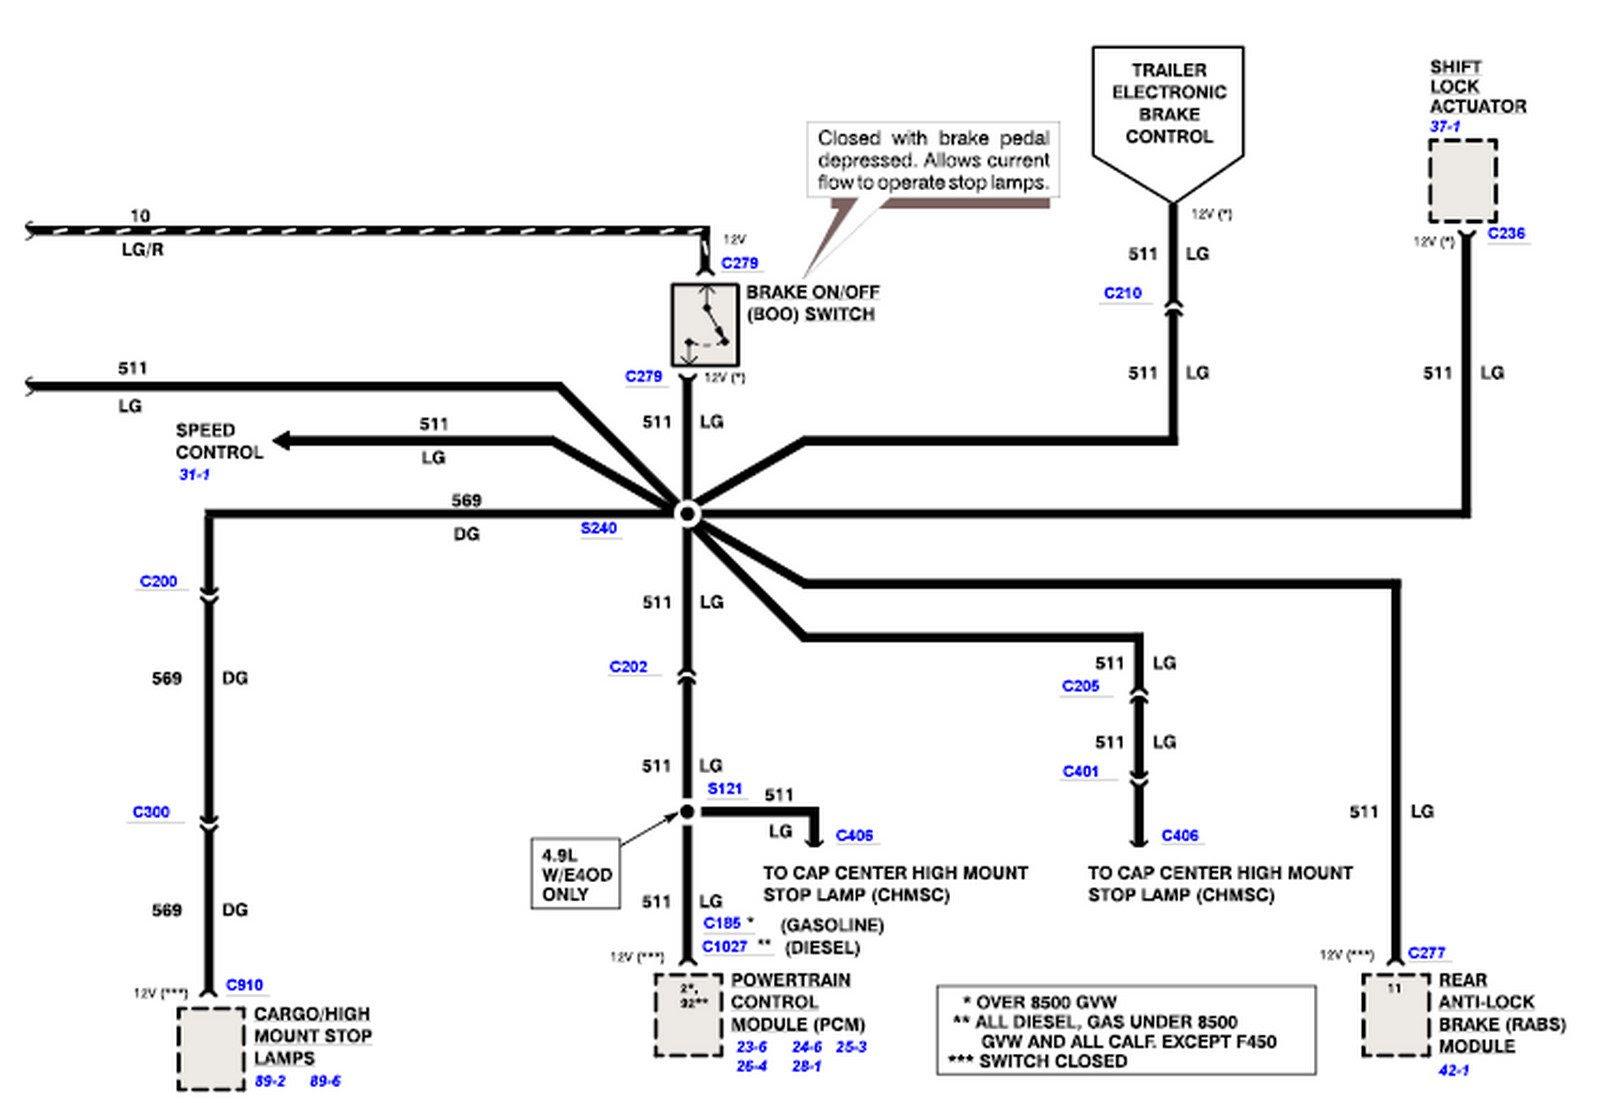 1997 s10 l4 2 vacuum diagram wiring schematic s10 brake line diagram general wiring diagram  s10 brake line diagram general wiring